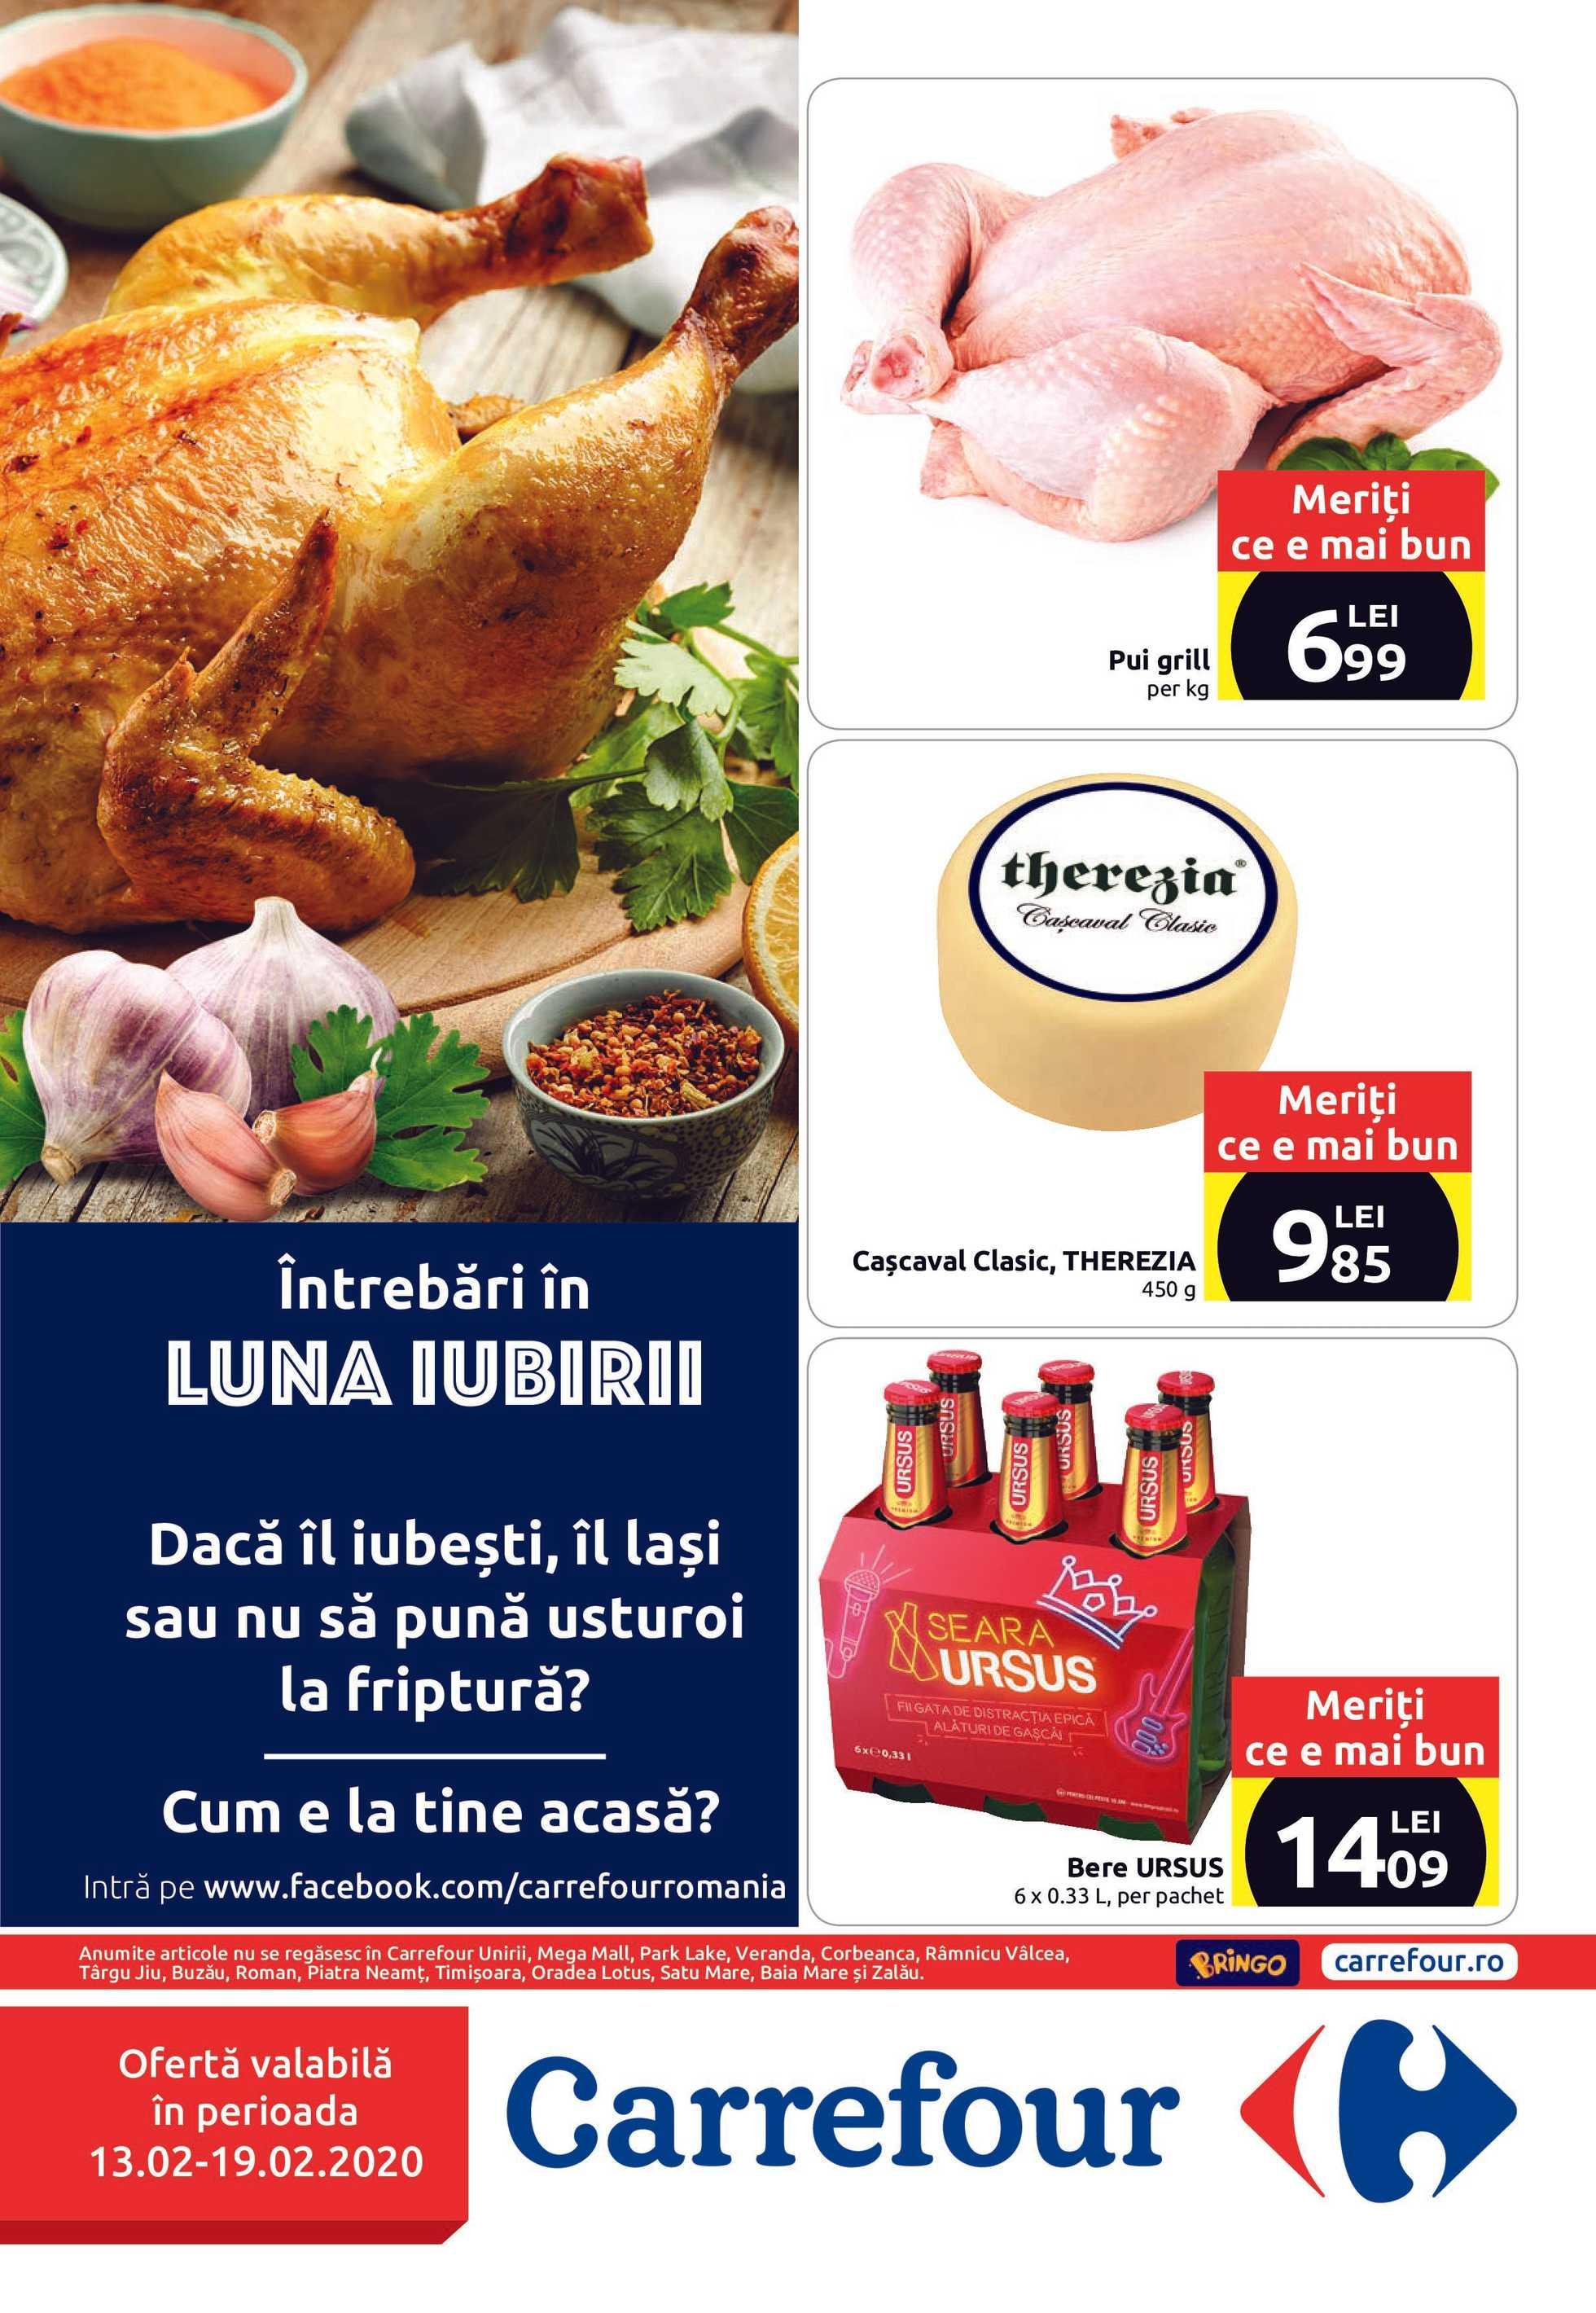 Carrefour - promo începând de la 13.02.2020 până la 19.02.2020 - pagină 1.